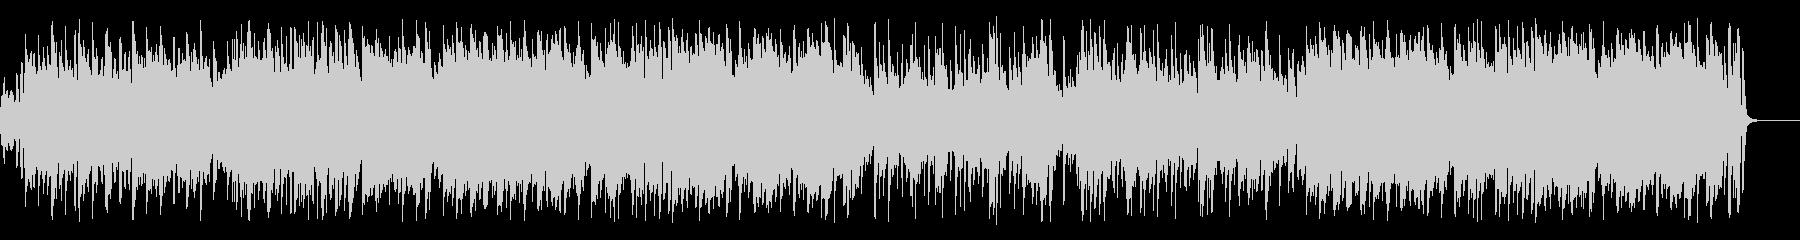 ノスタルジックでお洒落なアコーディオンの未再生の波形